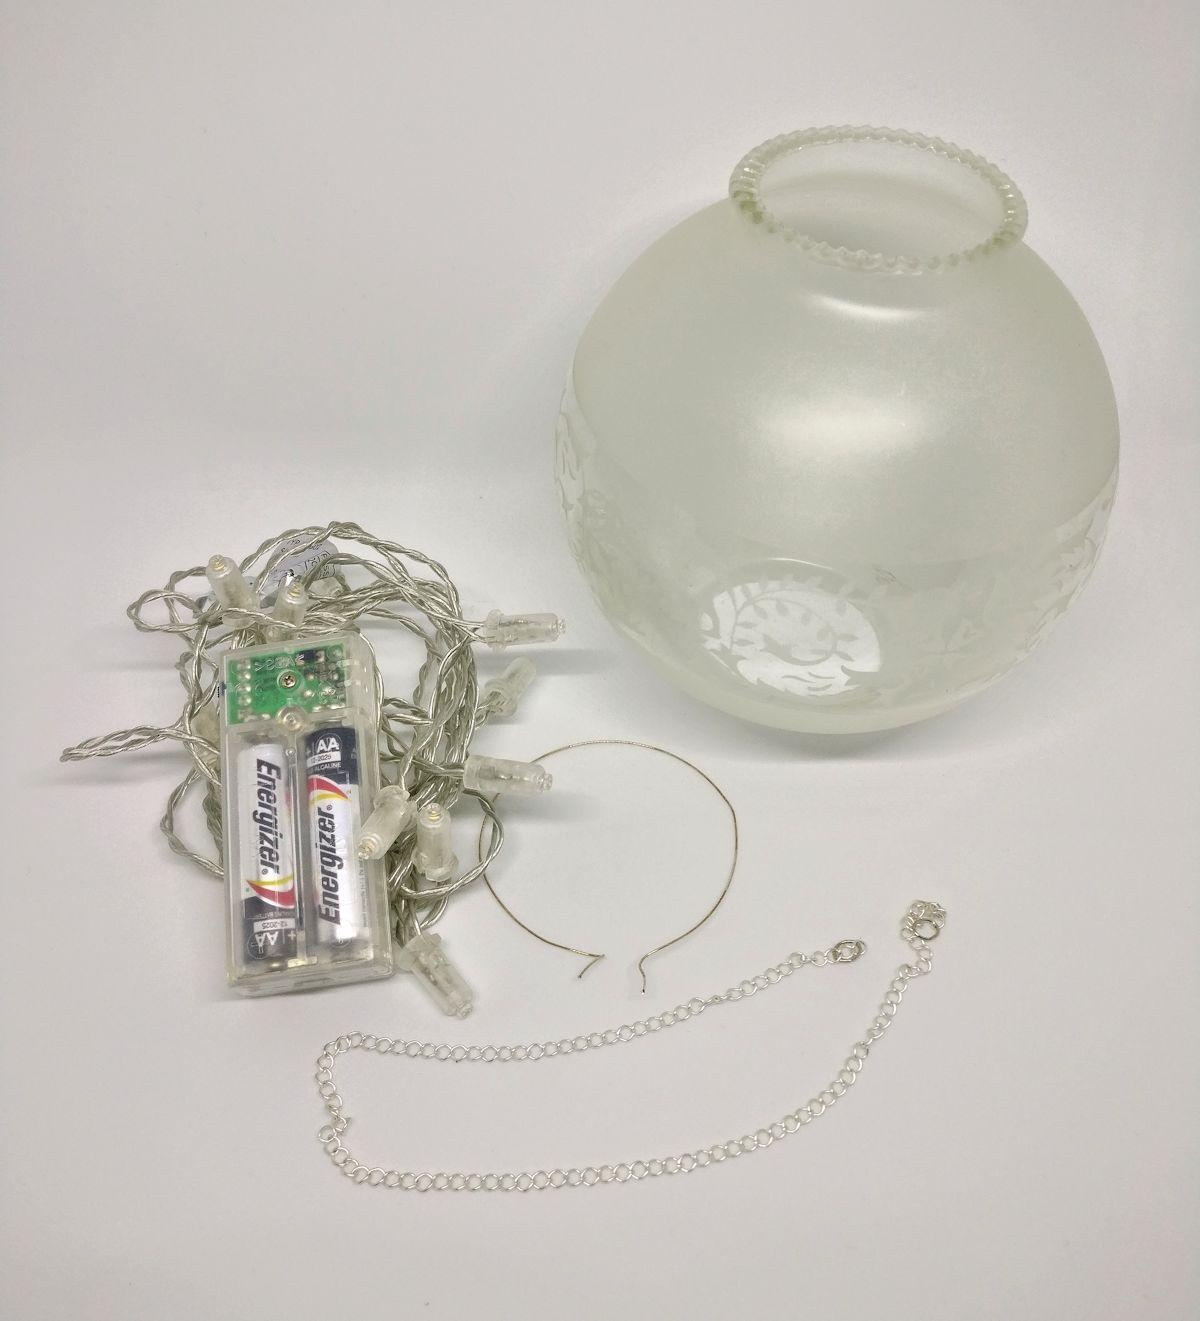 Lyhtyyn tarvitaan vanha lampunkupu, patterikäyttöiset led-valot, pala ketjua ja metallilankaa.